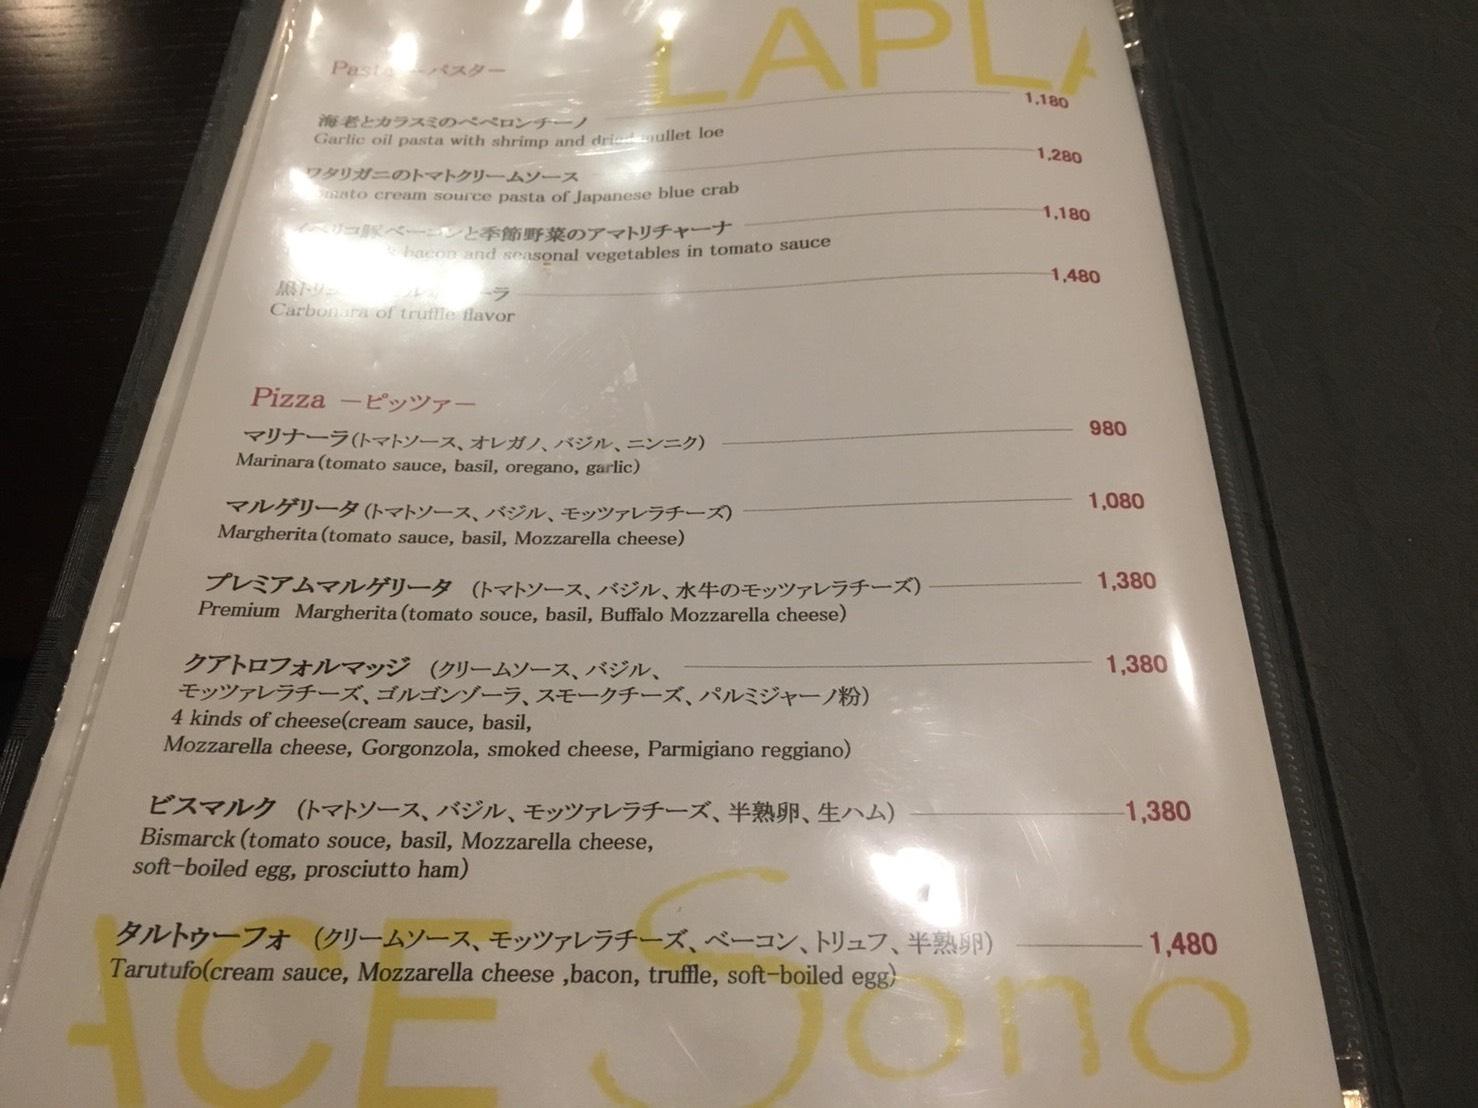 【池袋駅】リーズナブルなフレンチ&イタリアン「LAPLACE SONO 池袋店」のパスタとピザのメニュー